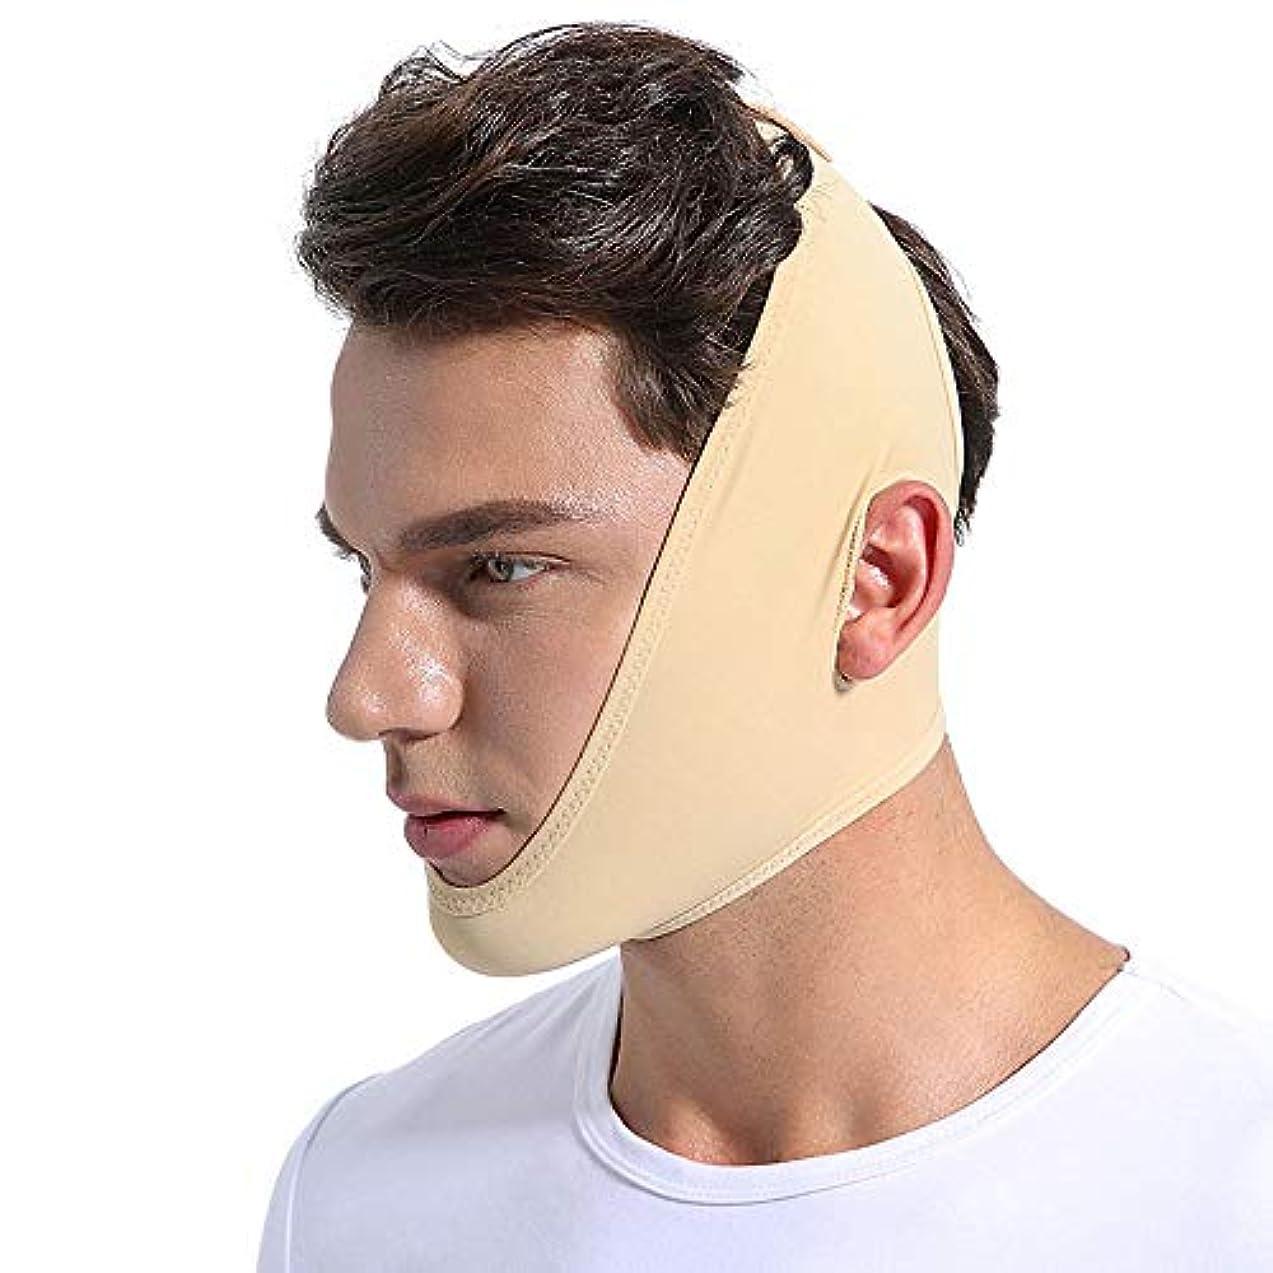 合法相手中毒フェイシャルシンフェイスマスク痩身包帯スキンケアベルト形状リフト二重あごフェイスマスクフェイスThiningスリマー用男性女性,L